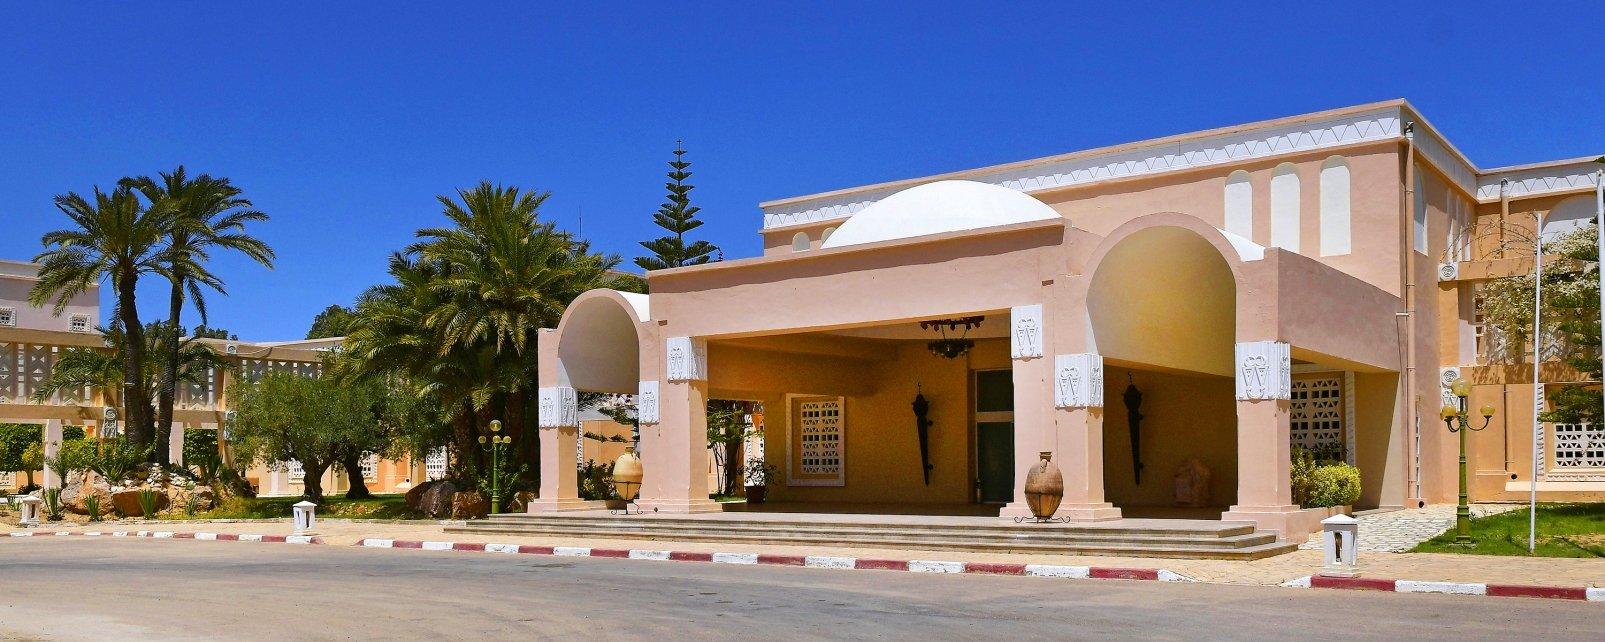 Hotel Zita Beach